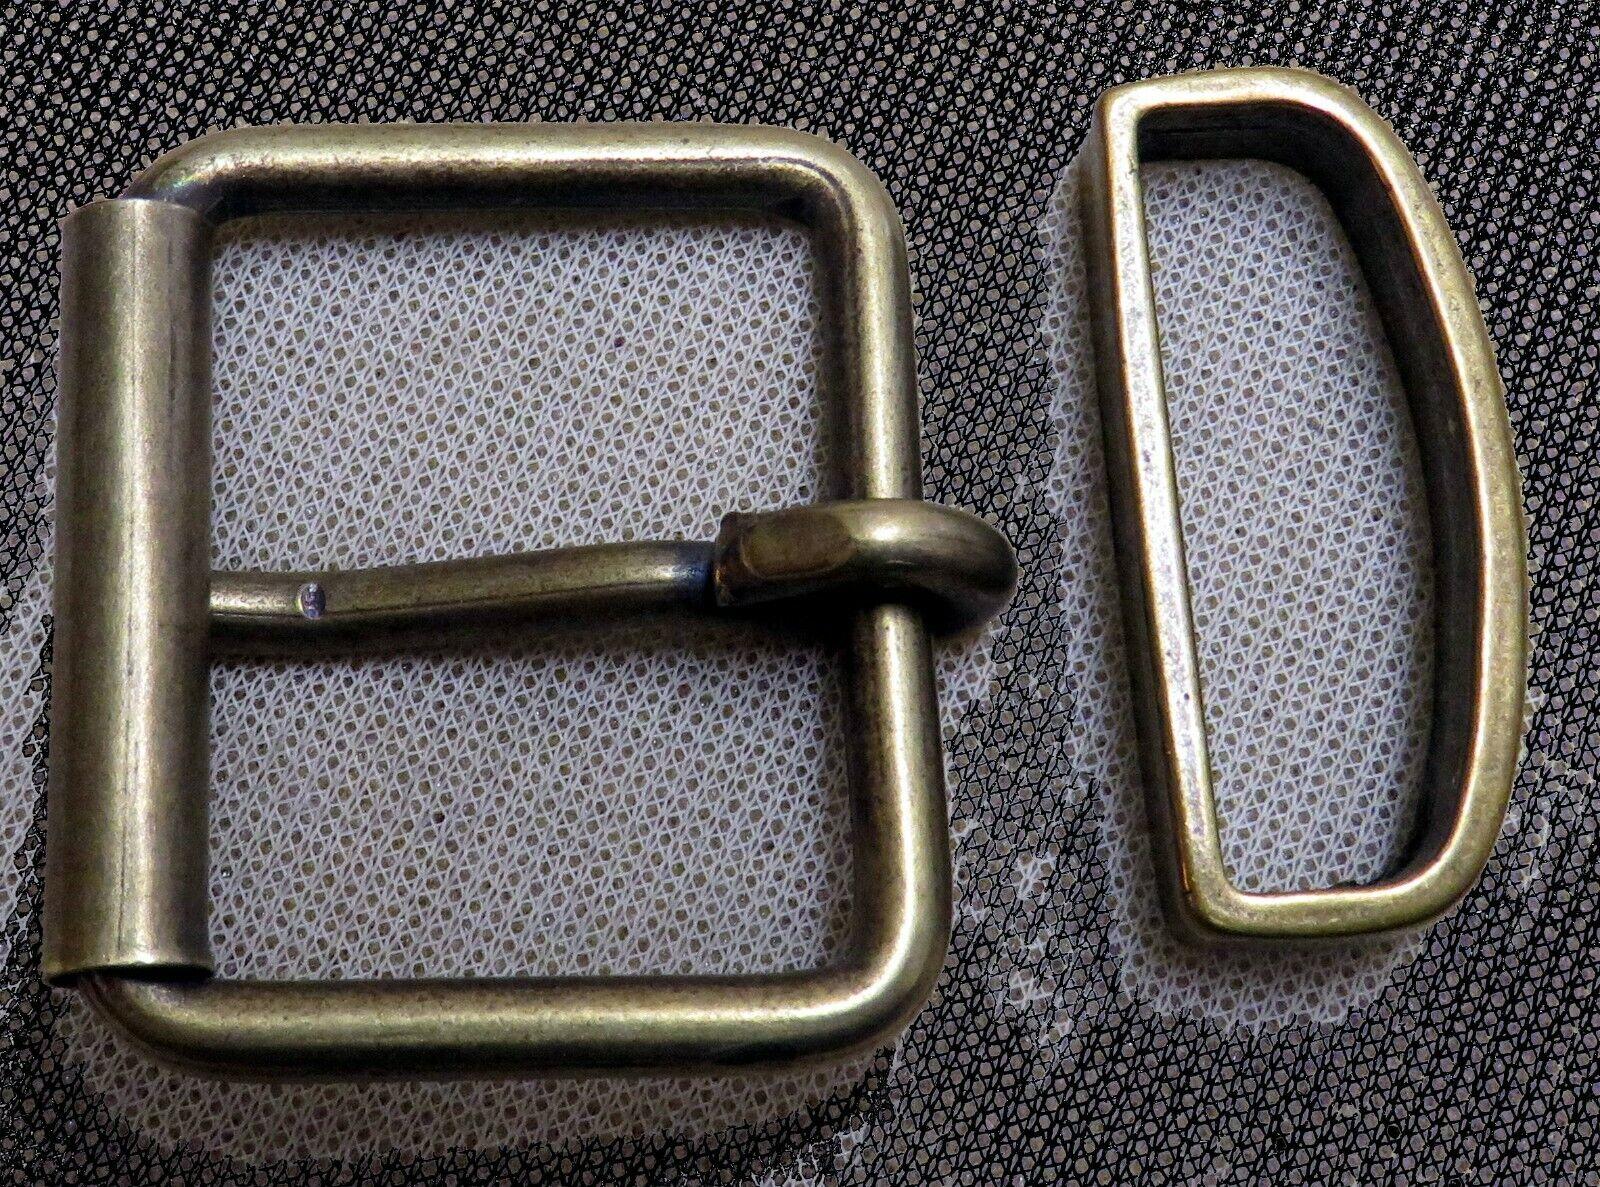 GÜRTELSCHNALLE inkl. SCHLAUFE für 3,5cm breite GÜRTEL Rollschnalle METALL Top #